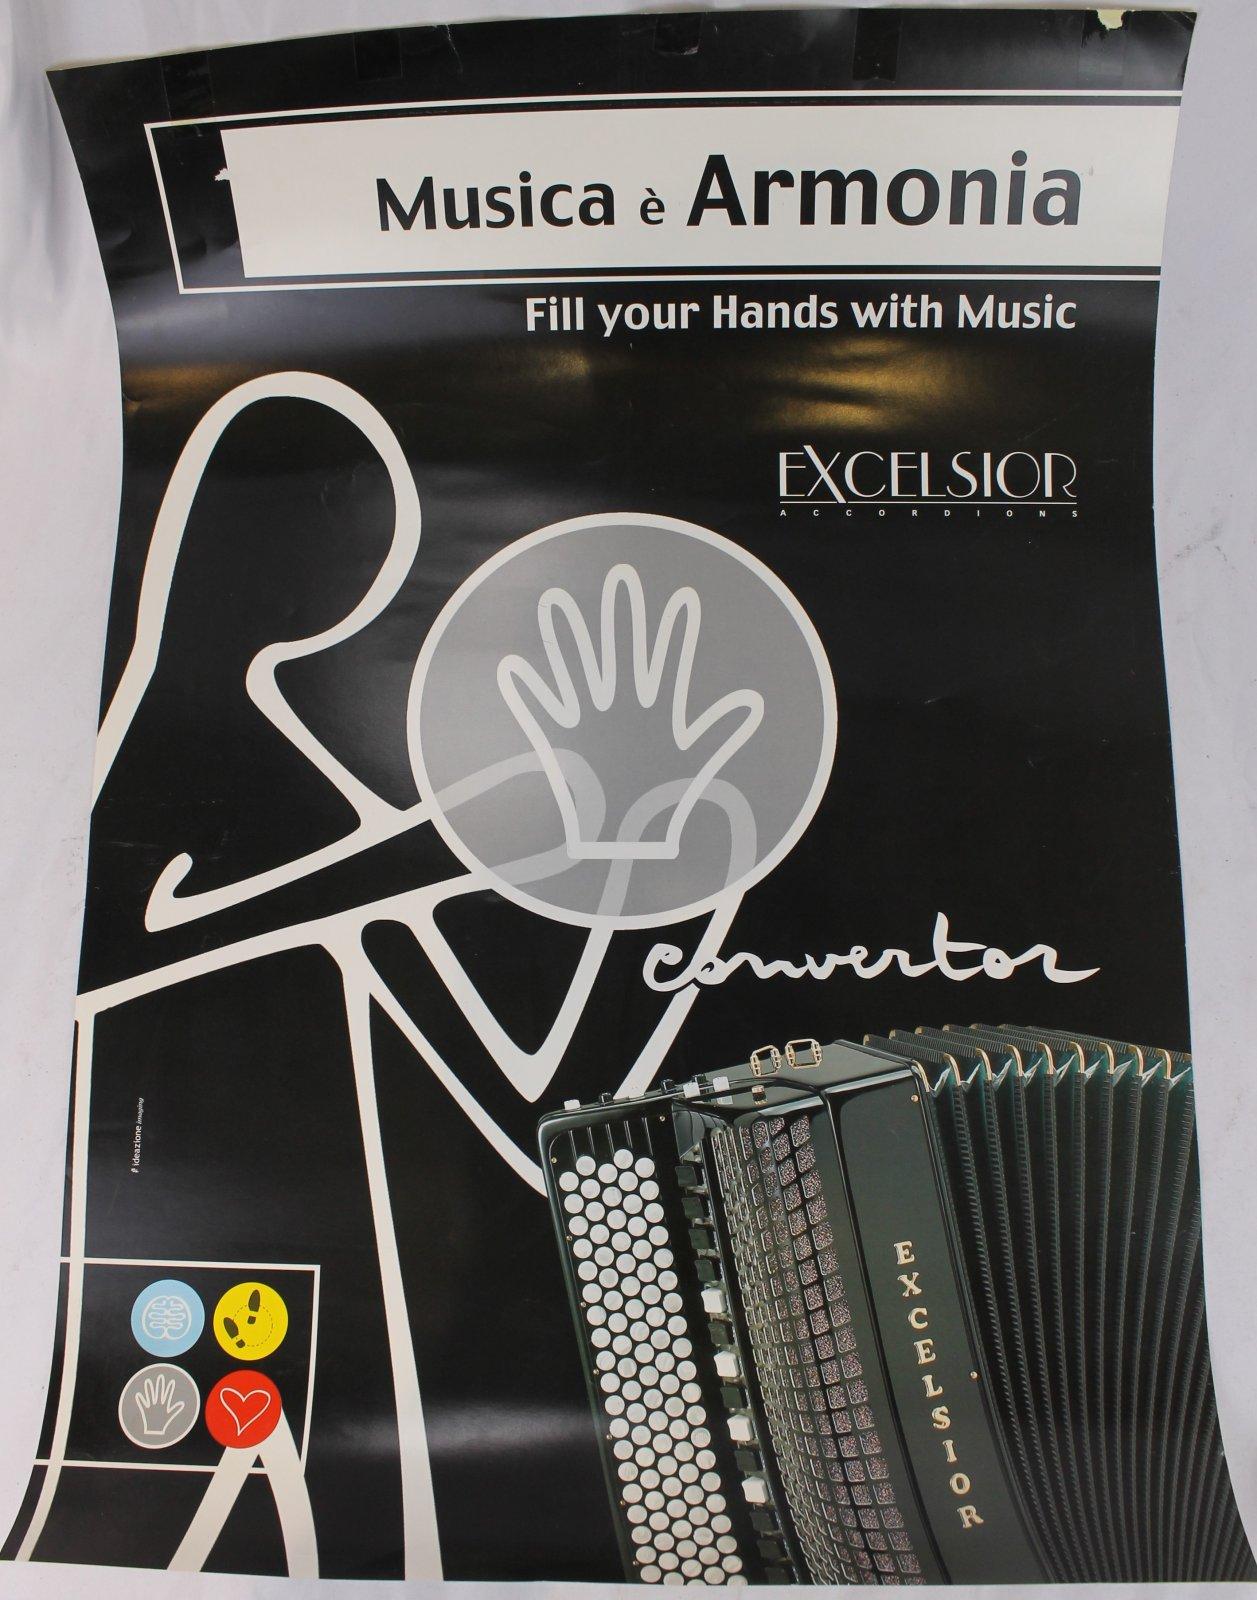 27 x 19 Black Excelsior Musica e Armonia Poster